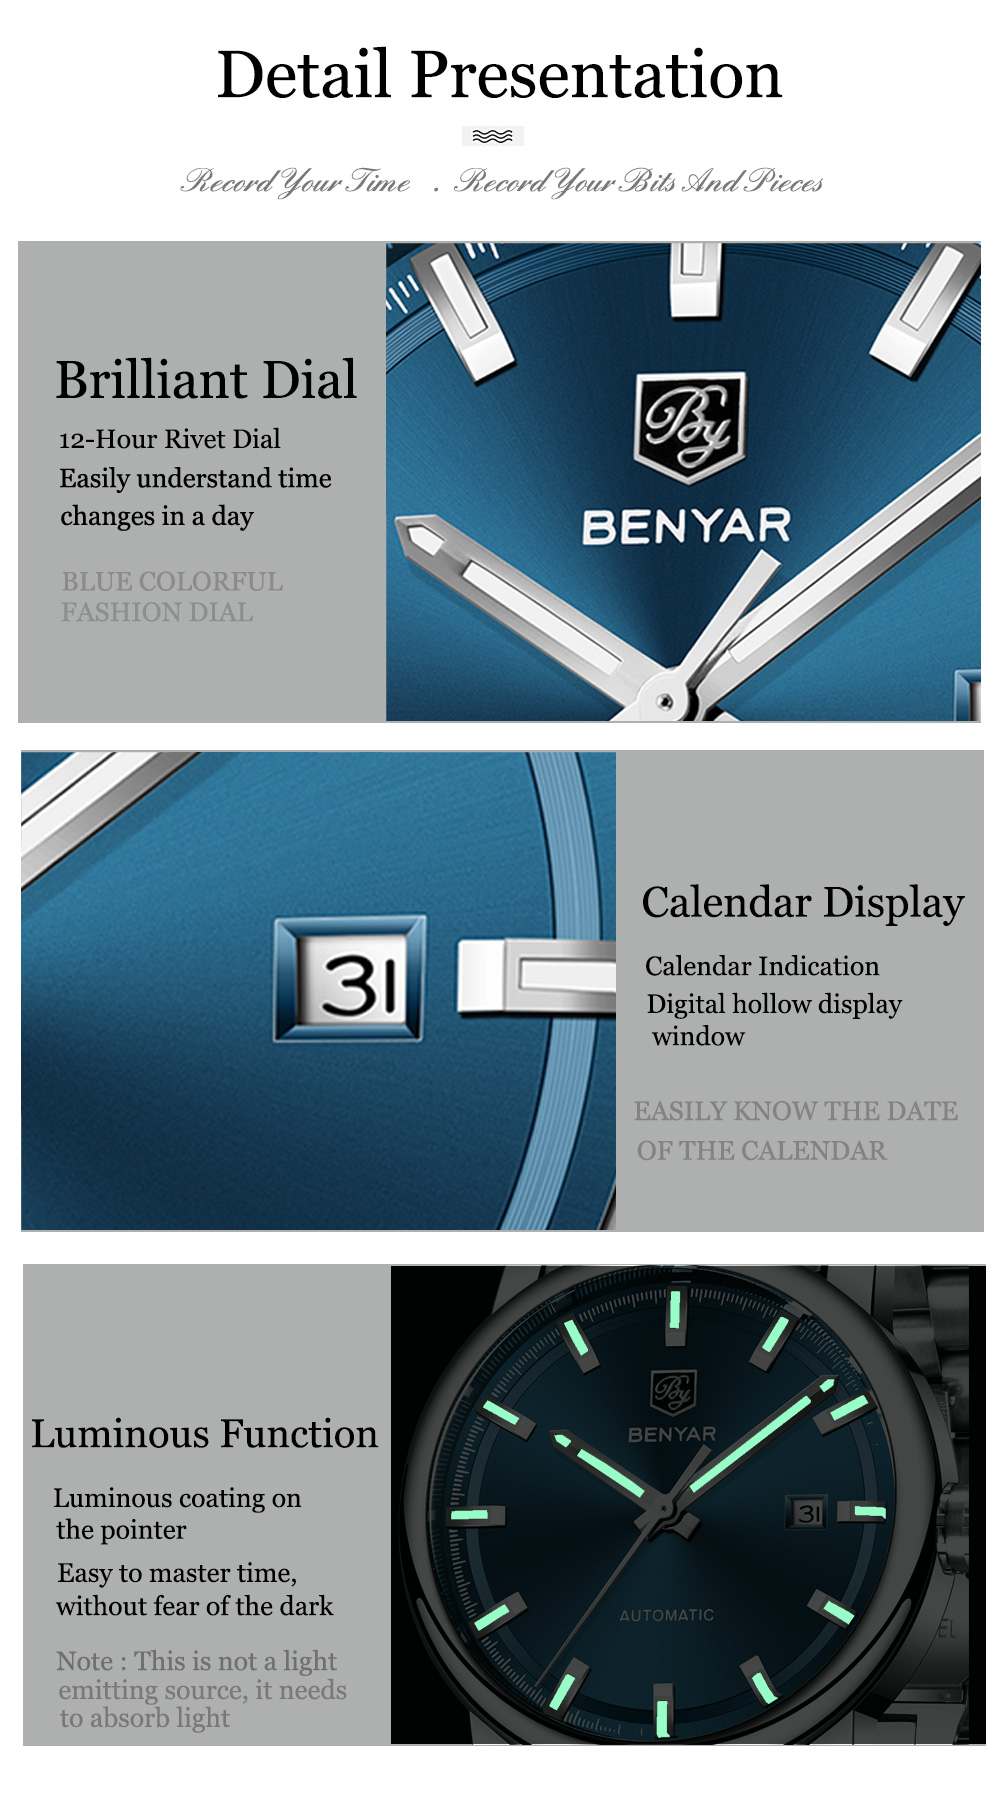 Benyar Design BY-5144 v2 Details